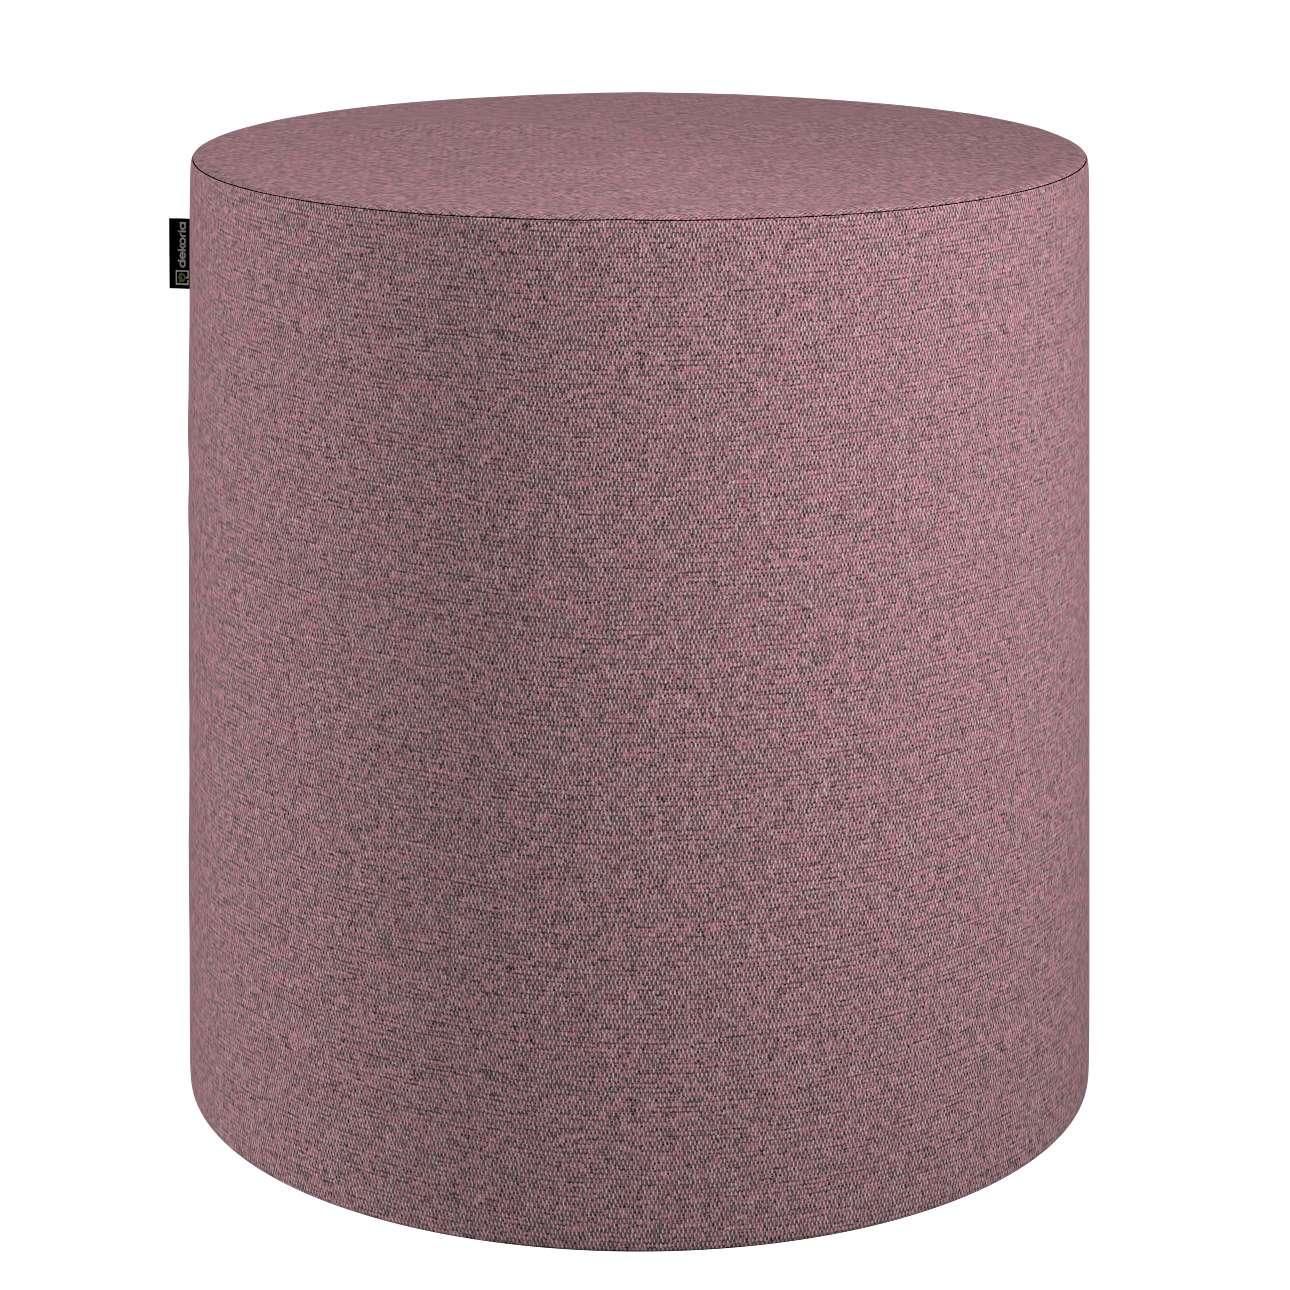 Pouf Barrel von der Kollektion Amsterdam, Stoff: 704-48